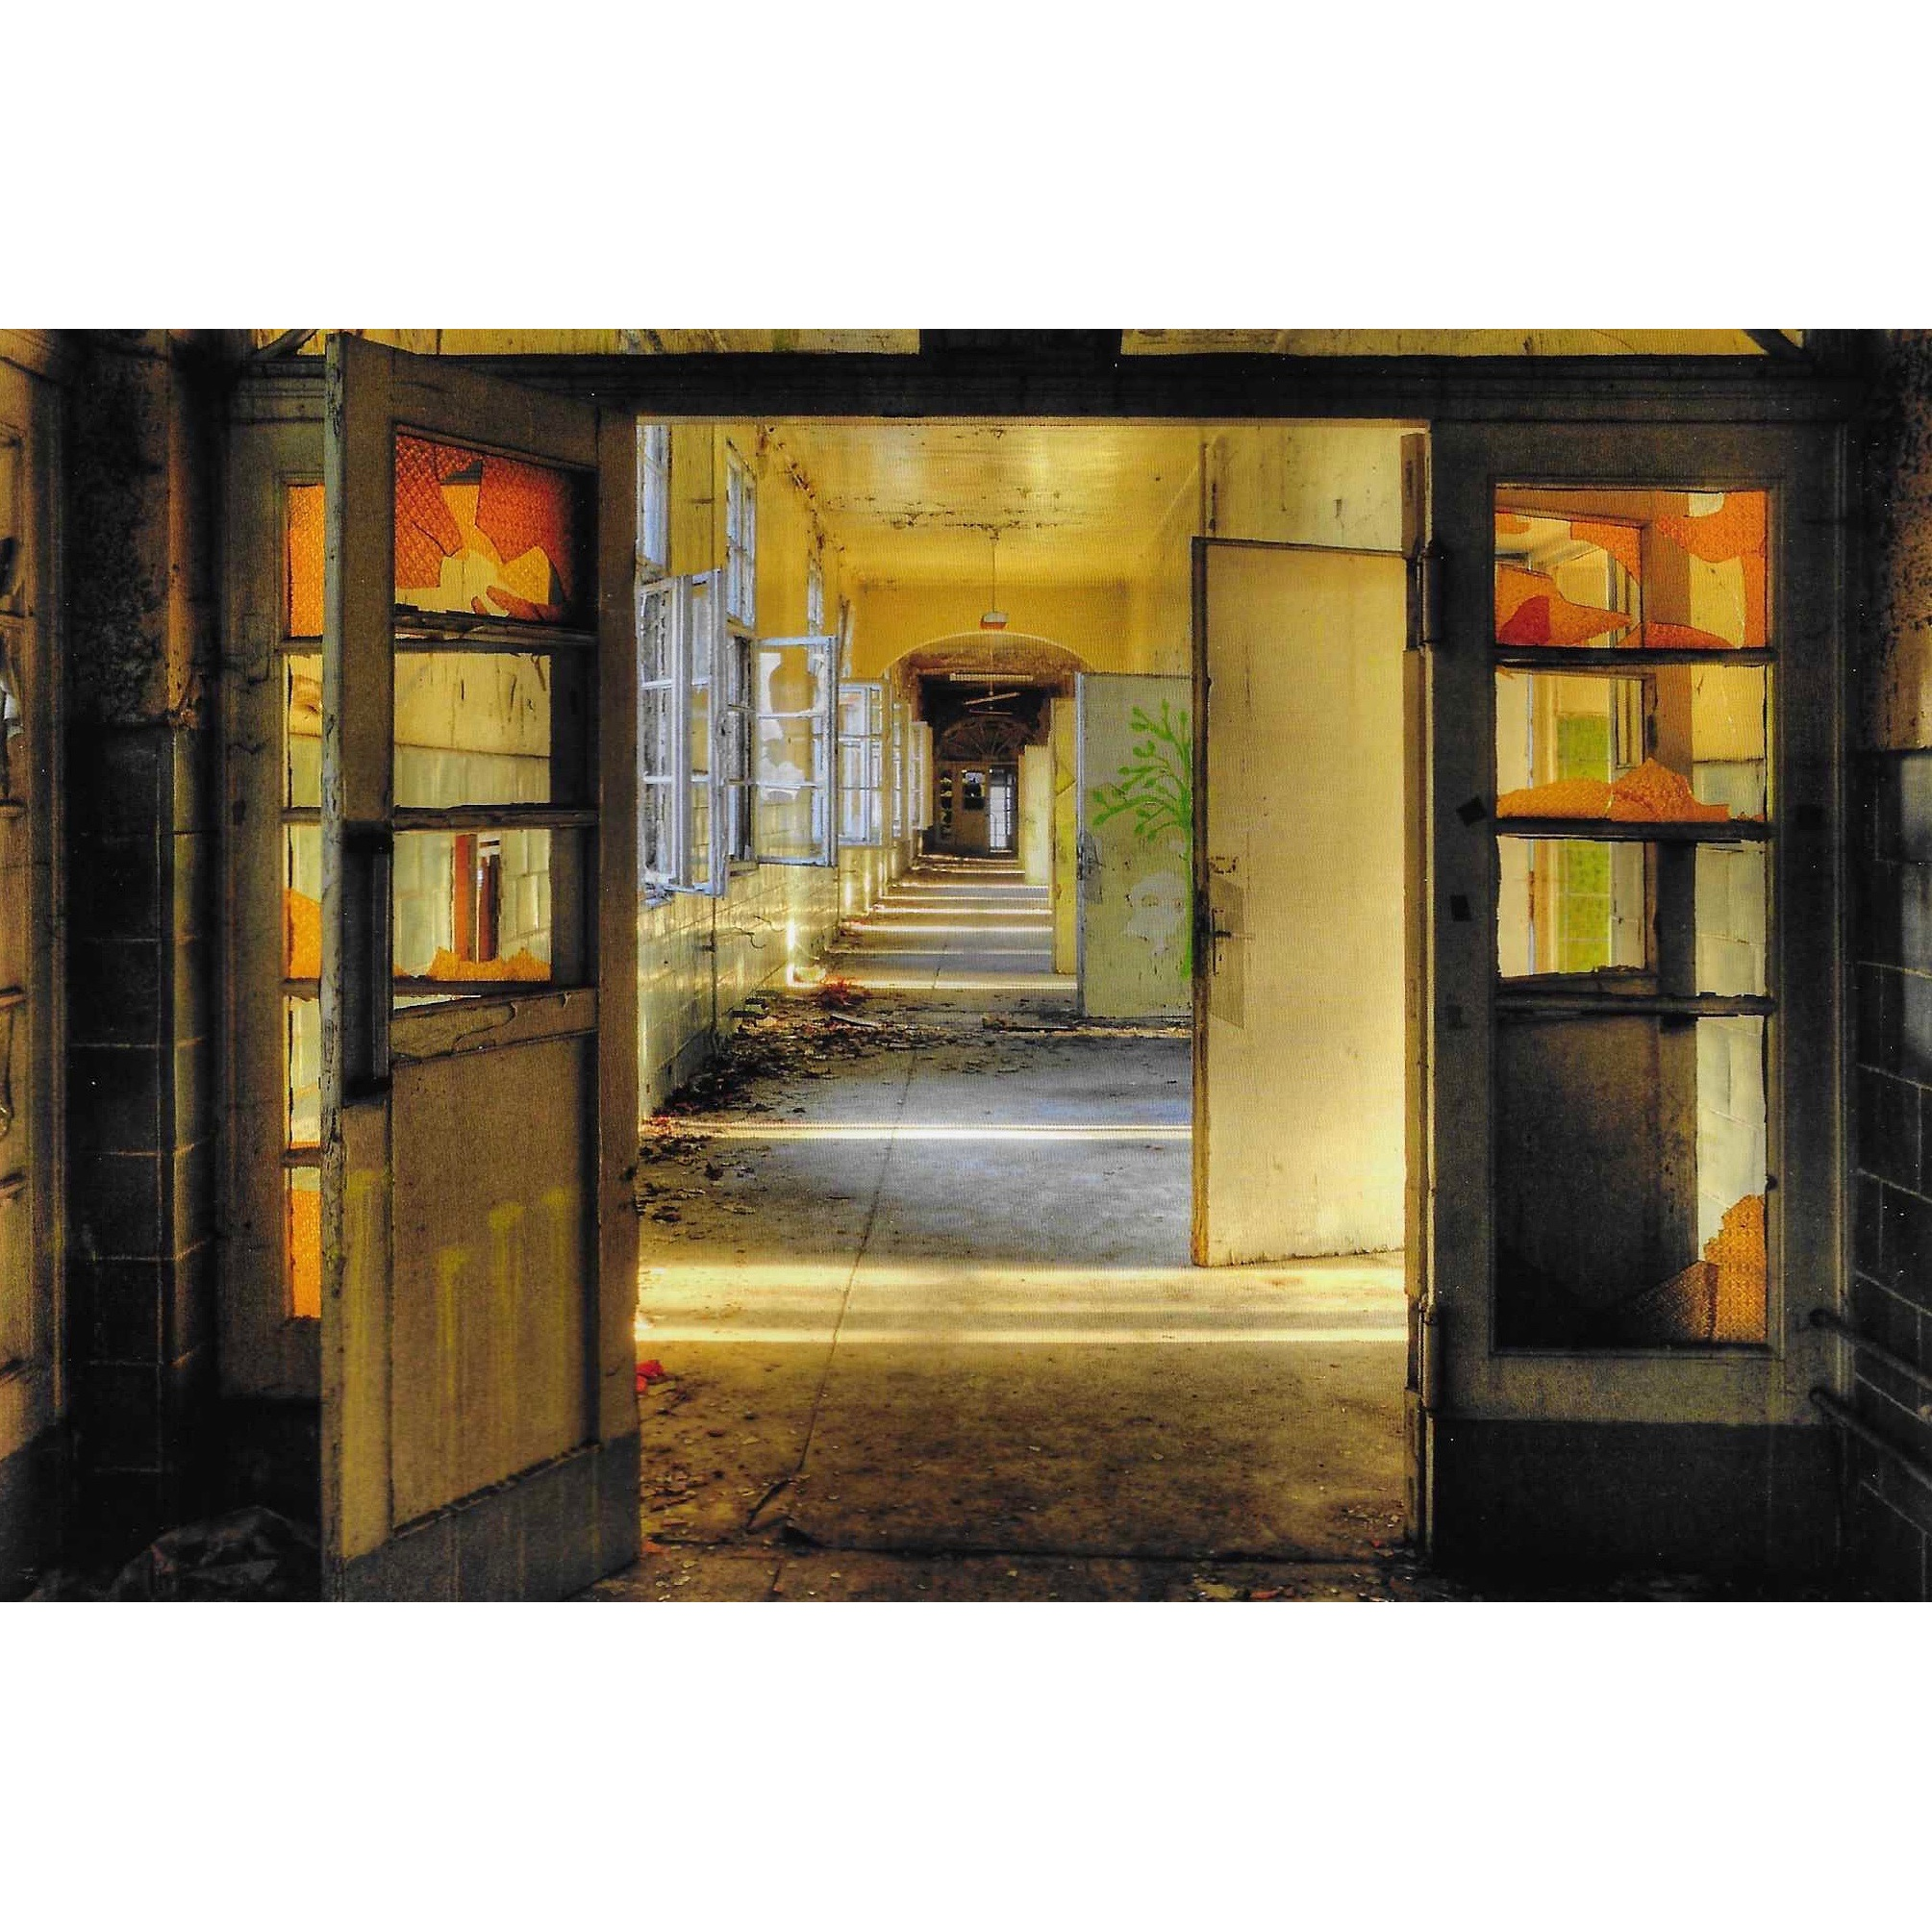 Urbex foto op plexiglas 'Broken glass' met een prachtig licht in de foto die diepte en kleur geeft. De afmetingen zijn 80 x 120cm.